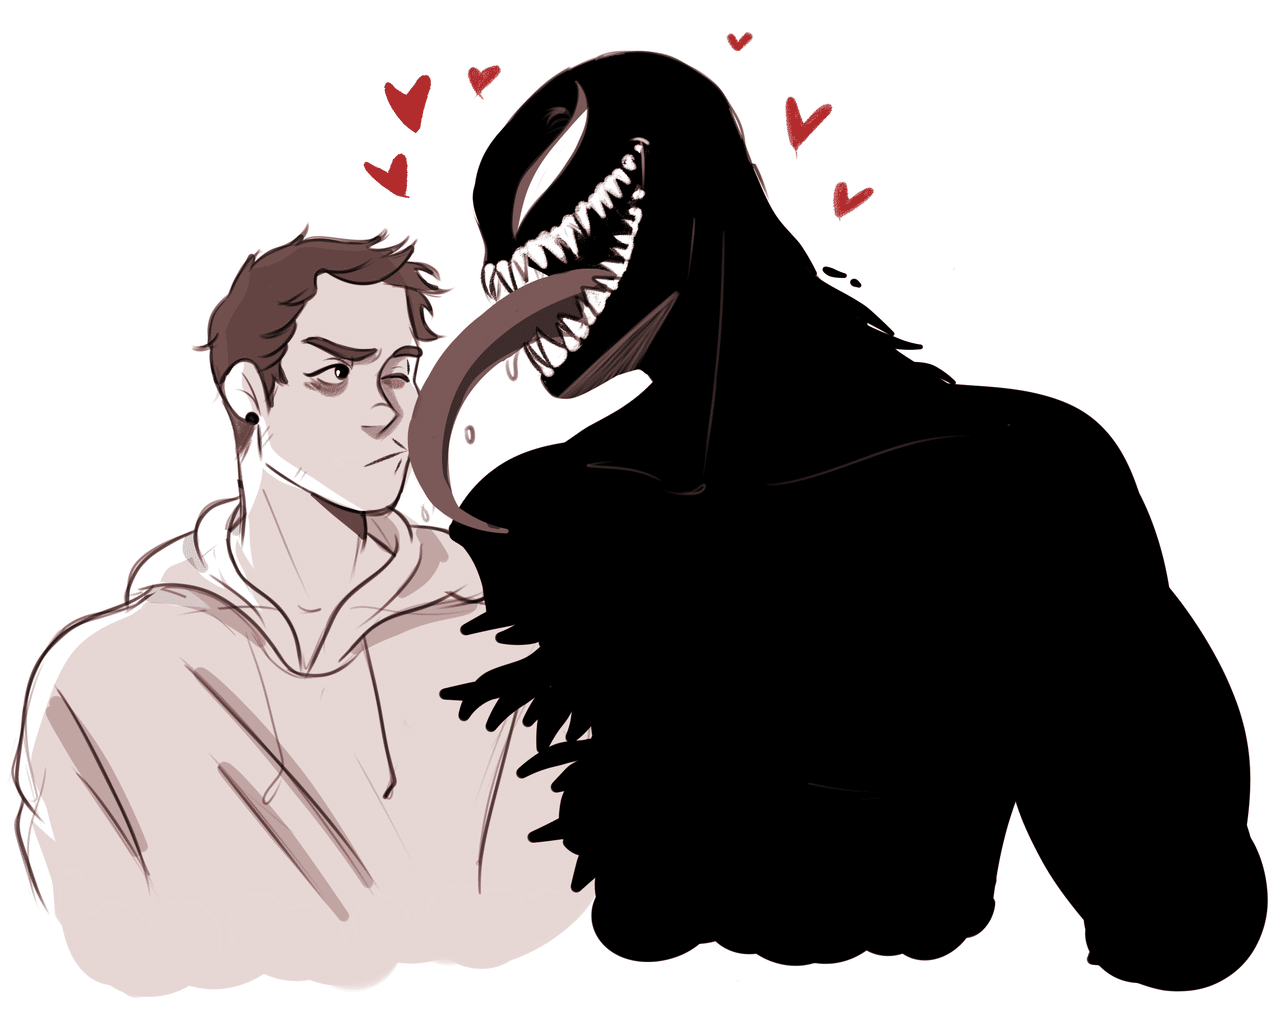 Venom ha, involontariamente, dato inizio a cose buone, come le fanart di micodraws